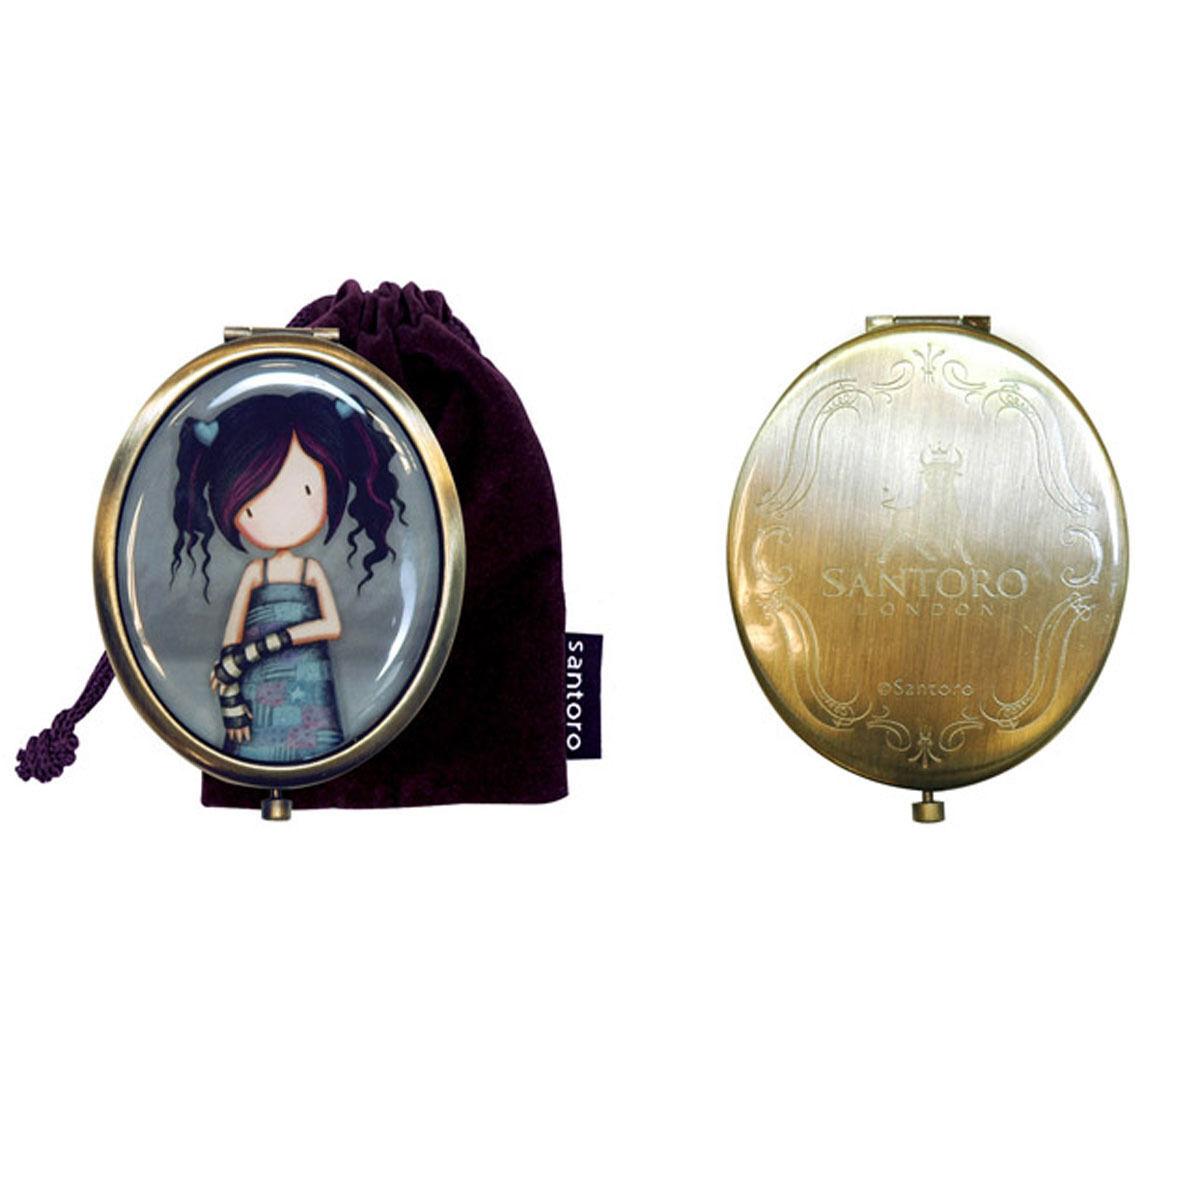 GORJUSS specchietto compatto in metallo ottonato con sacchetto 7,5x6 cm SANTORO